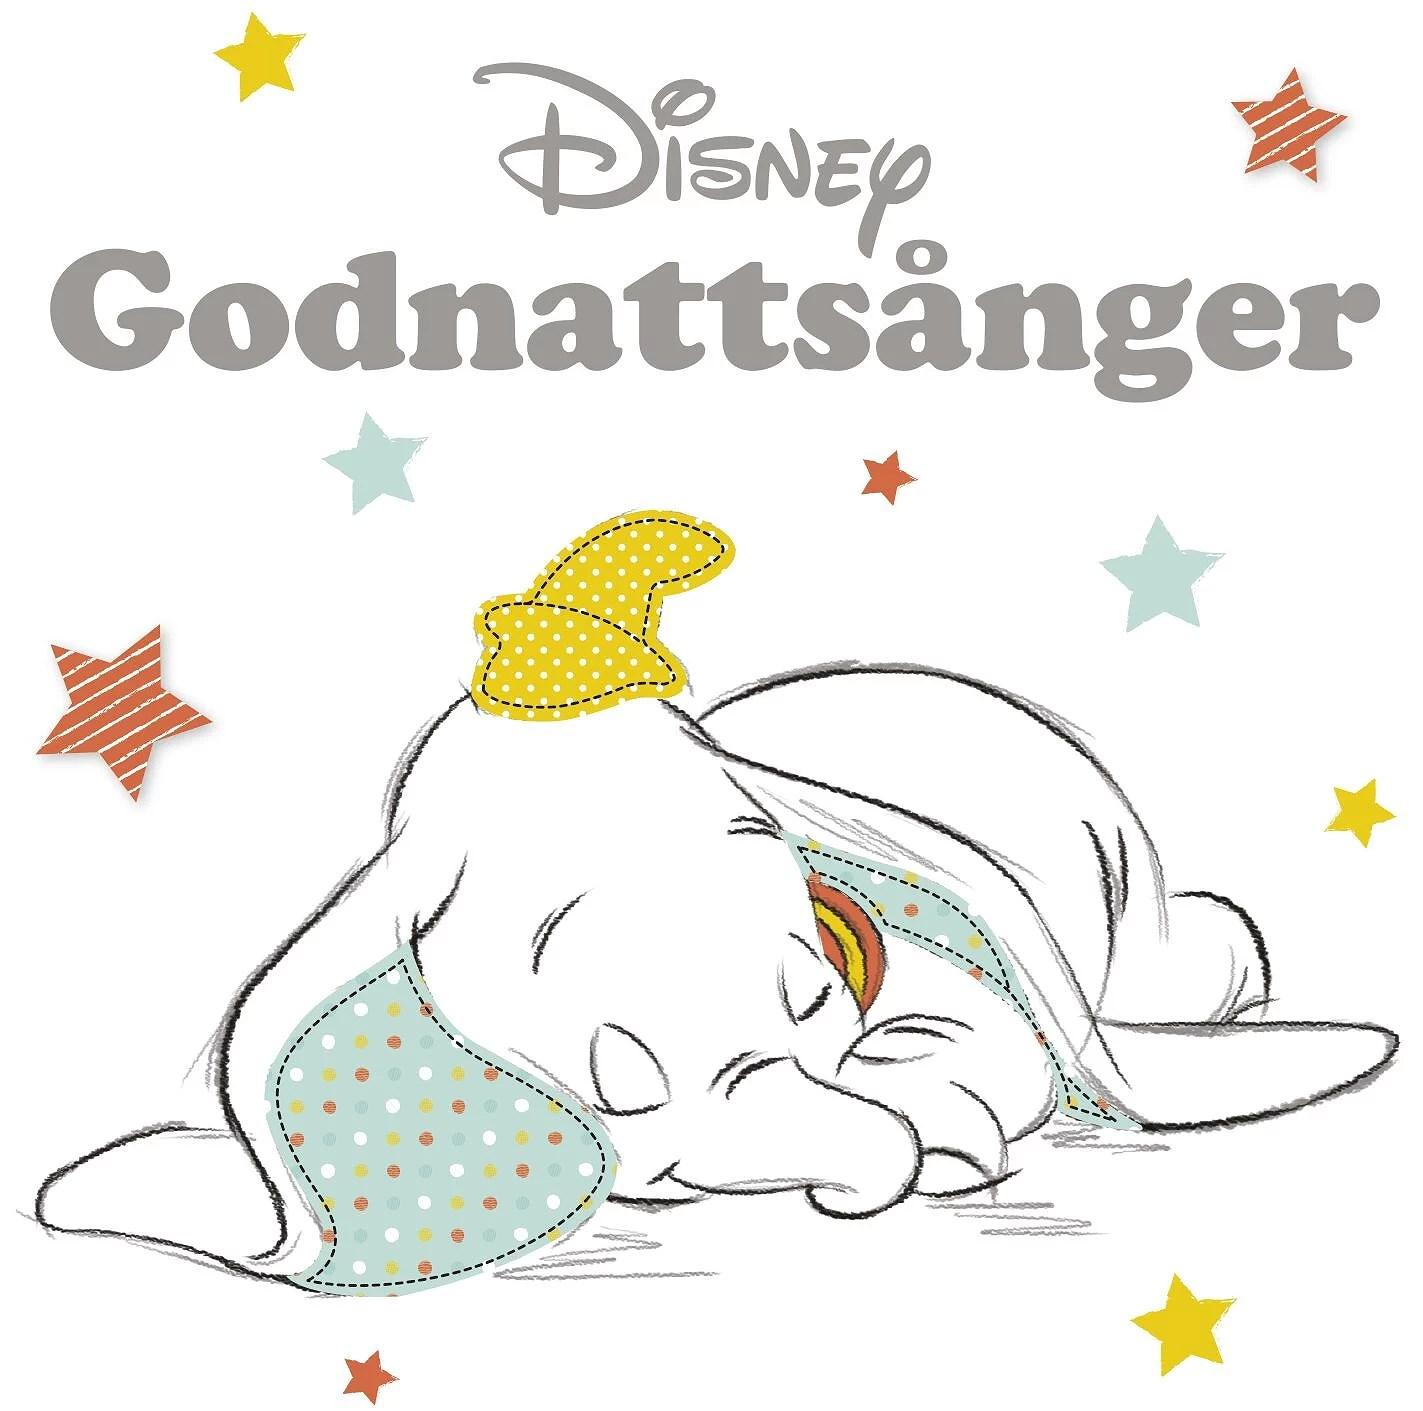 Disney Godnattsånger - Sånger för de minsta